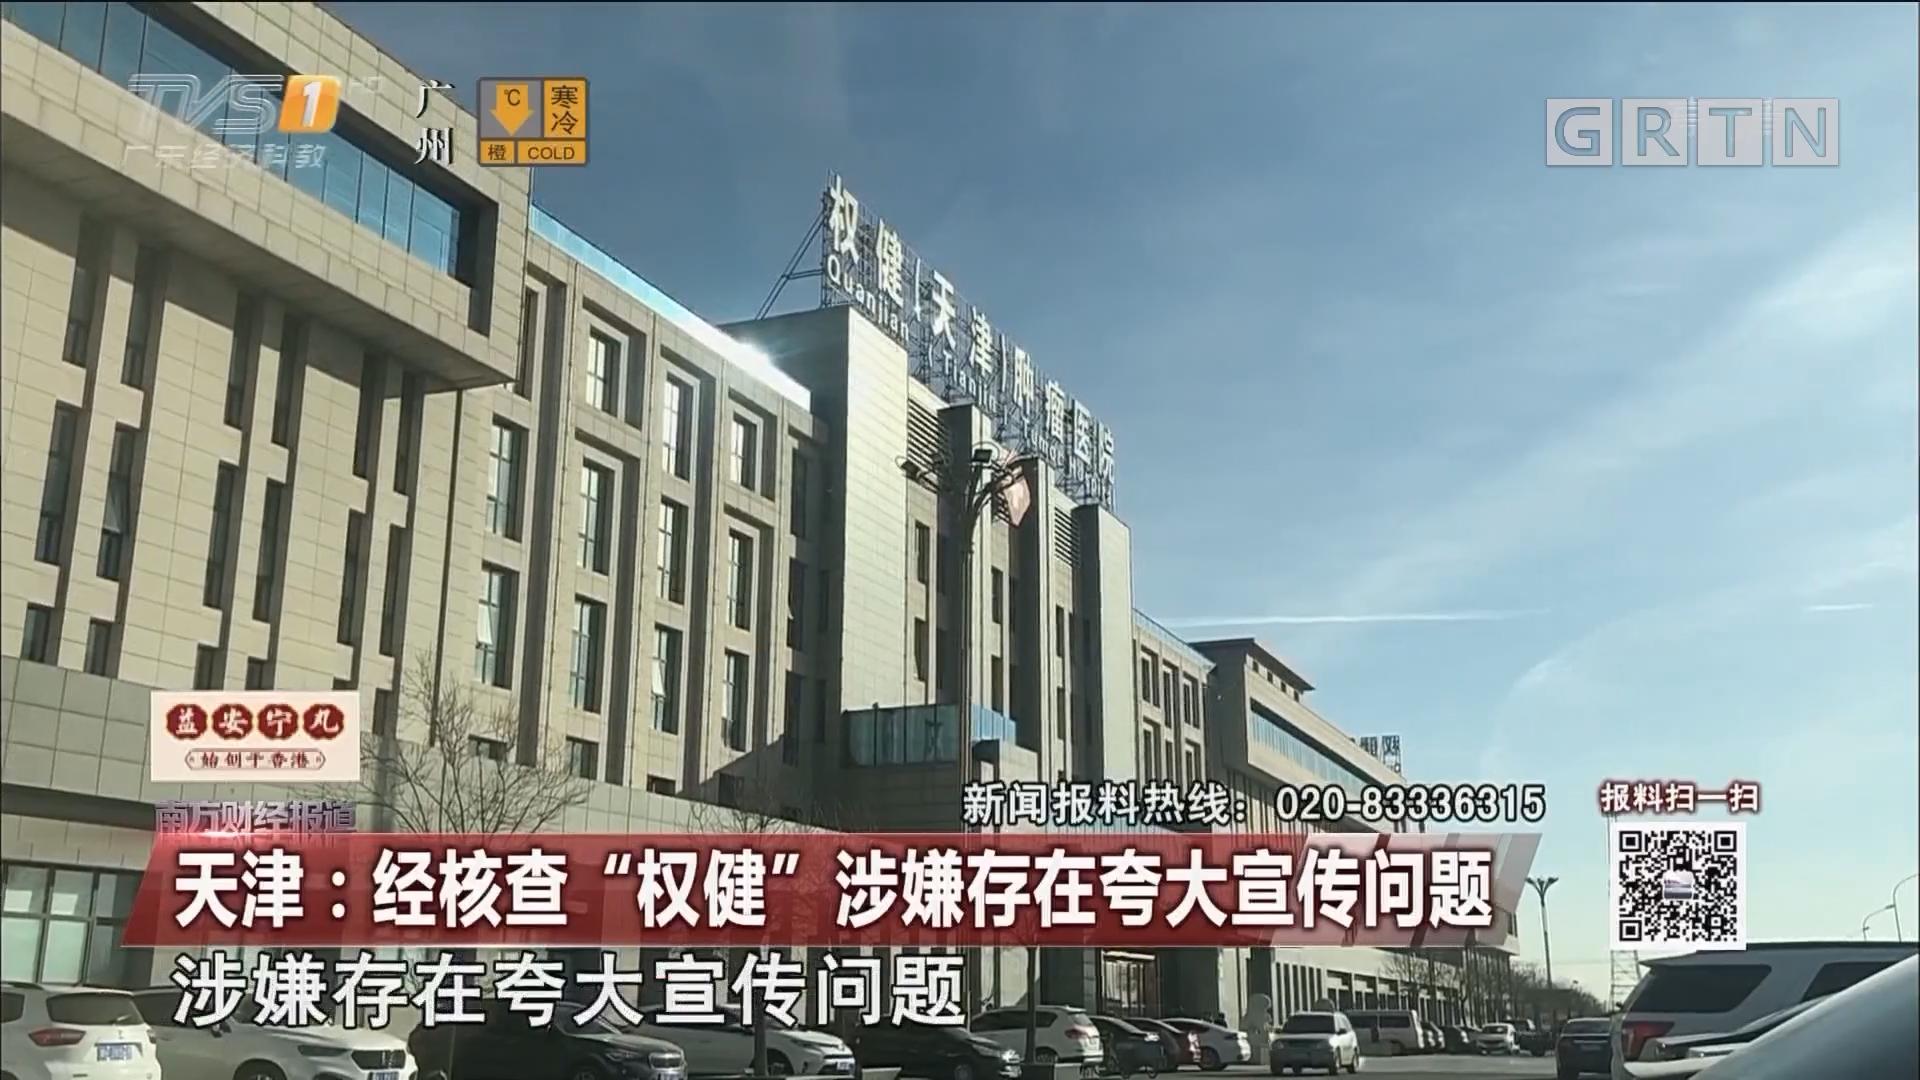 """天津:经核查""""权健""""涉嫌存在夸大宣传问题"""